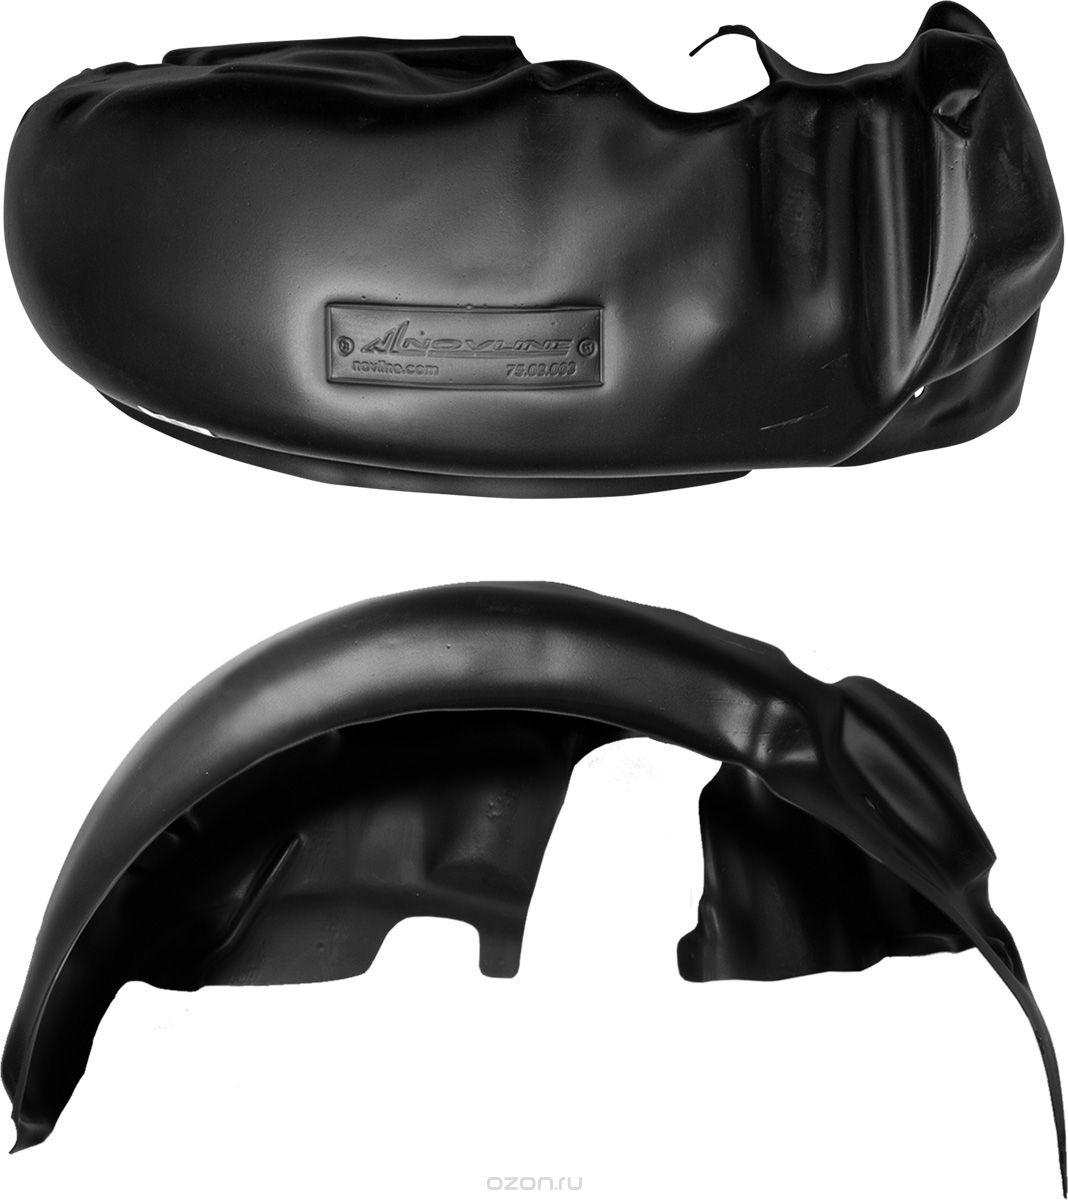 Подкрылок Novline-Autofamily, для CHEVROLET Aveo, T250 2004->, сед., передний левыйNLL.08.10.001Идеальная защита колесной ниши. Локеры разработаны с применением цифровых технологий, гарантируют максимальную повторяемость поверхности арки. Изделия устанавливаются без нарушения лакокрасочного покрытия автомобиля, каждый подкрылок комплектуется крепежом. Уважаемые клиенты, обращаем ваше внимание, что фотографии на подкрылки универсальные и не отражают реальную форму изделия. При этом само изделие идет точно под размер указанного автомобиля.